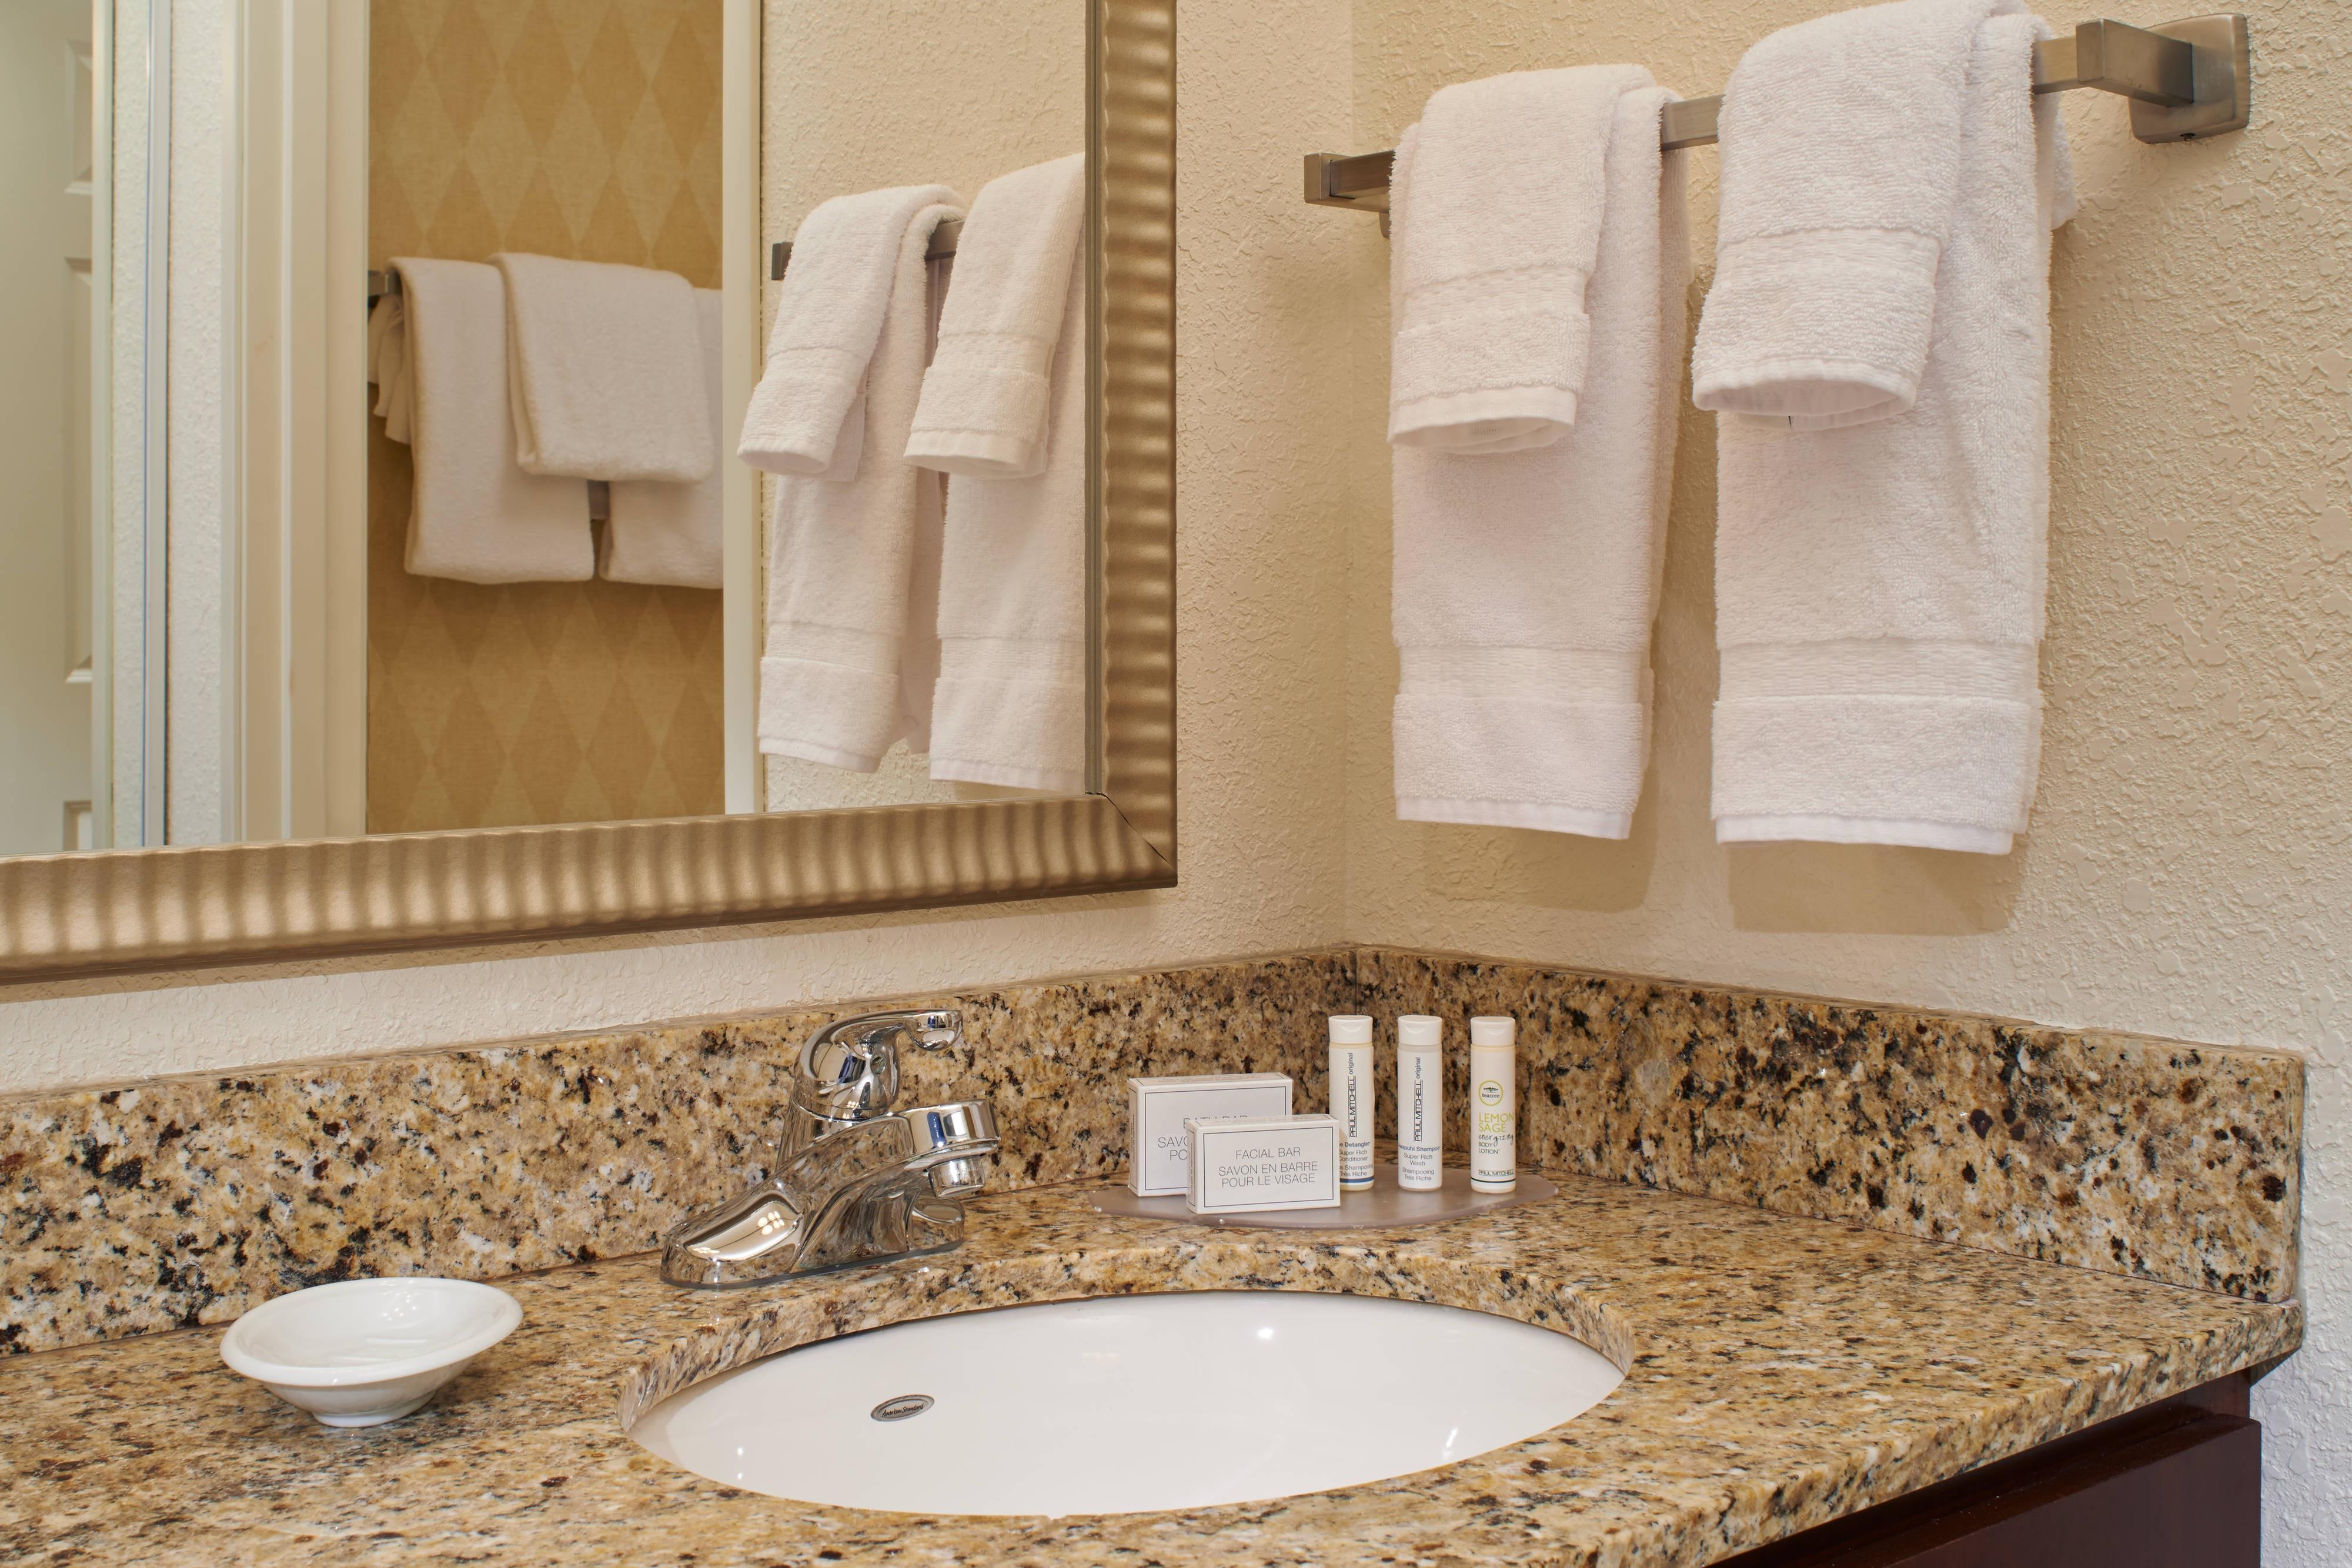 Saginaw Michigan hotel bathroom